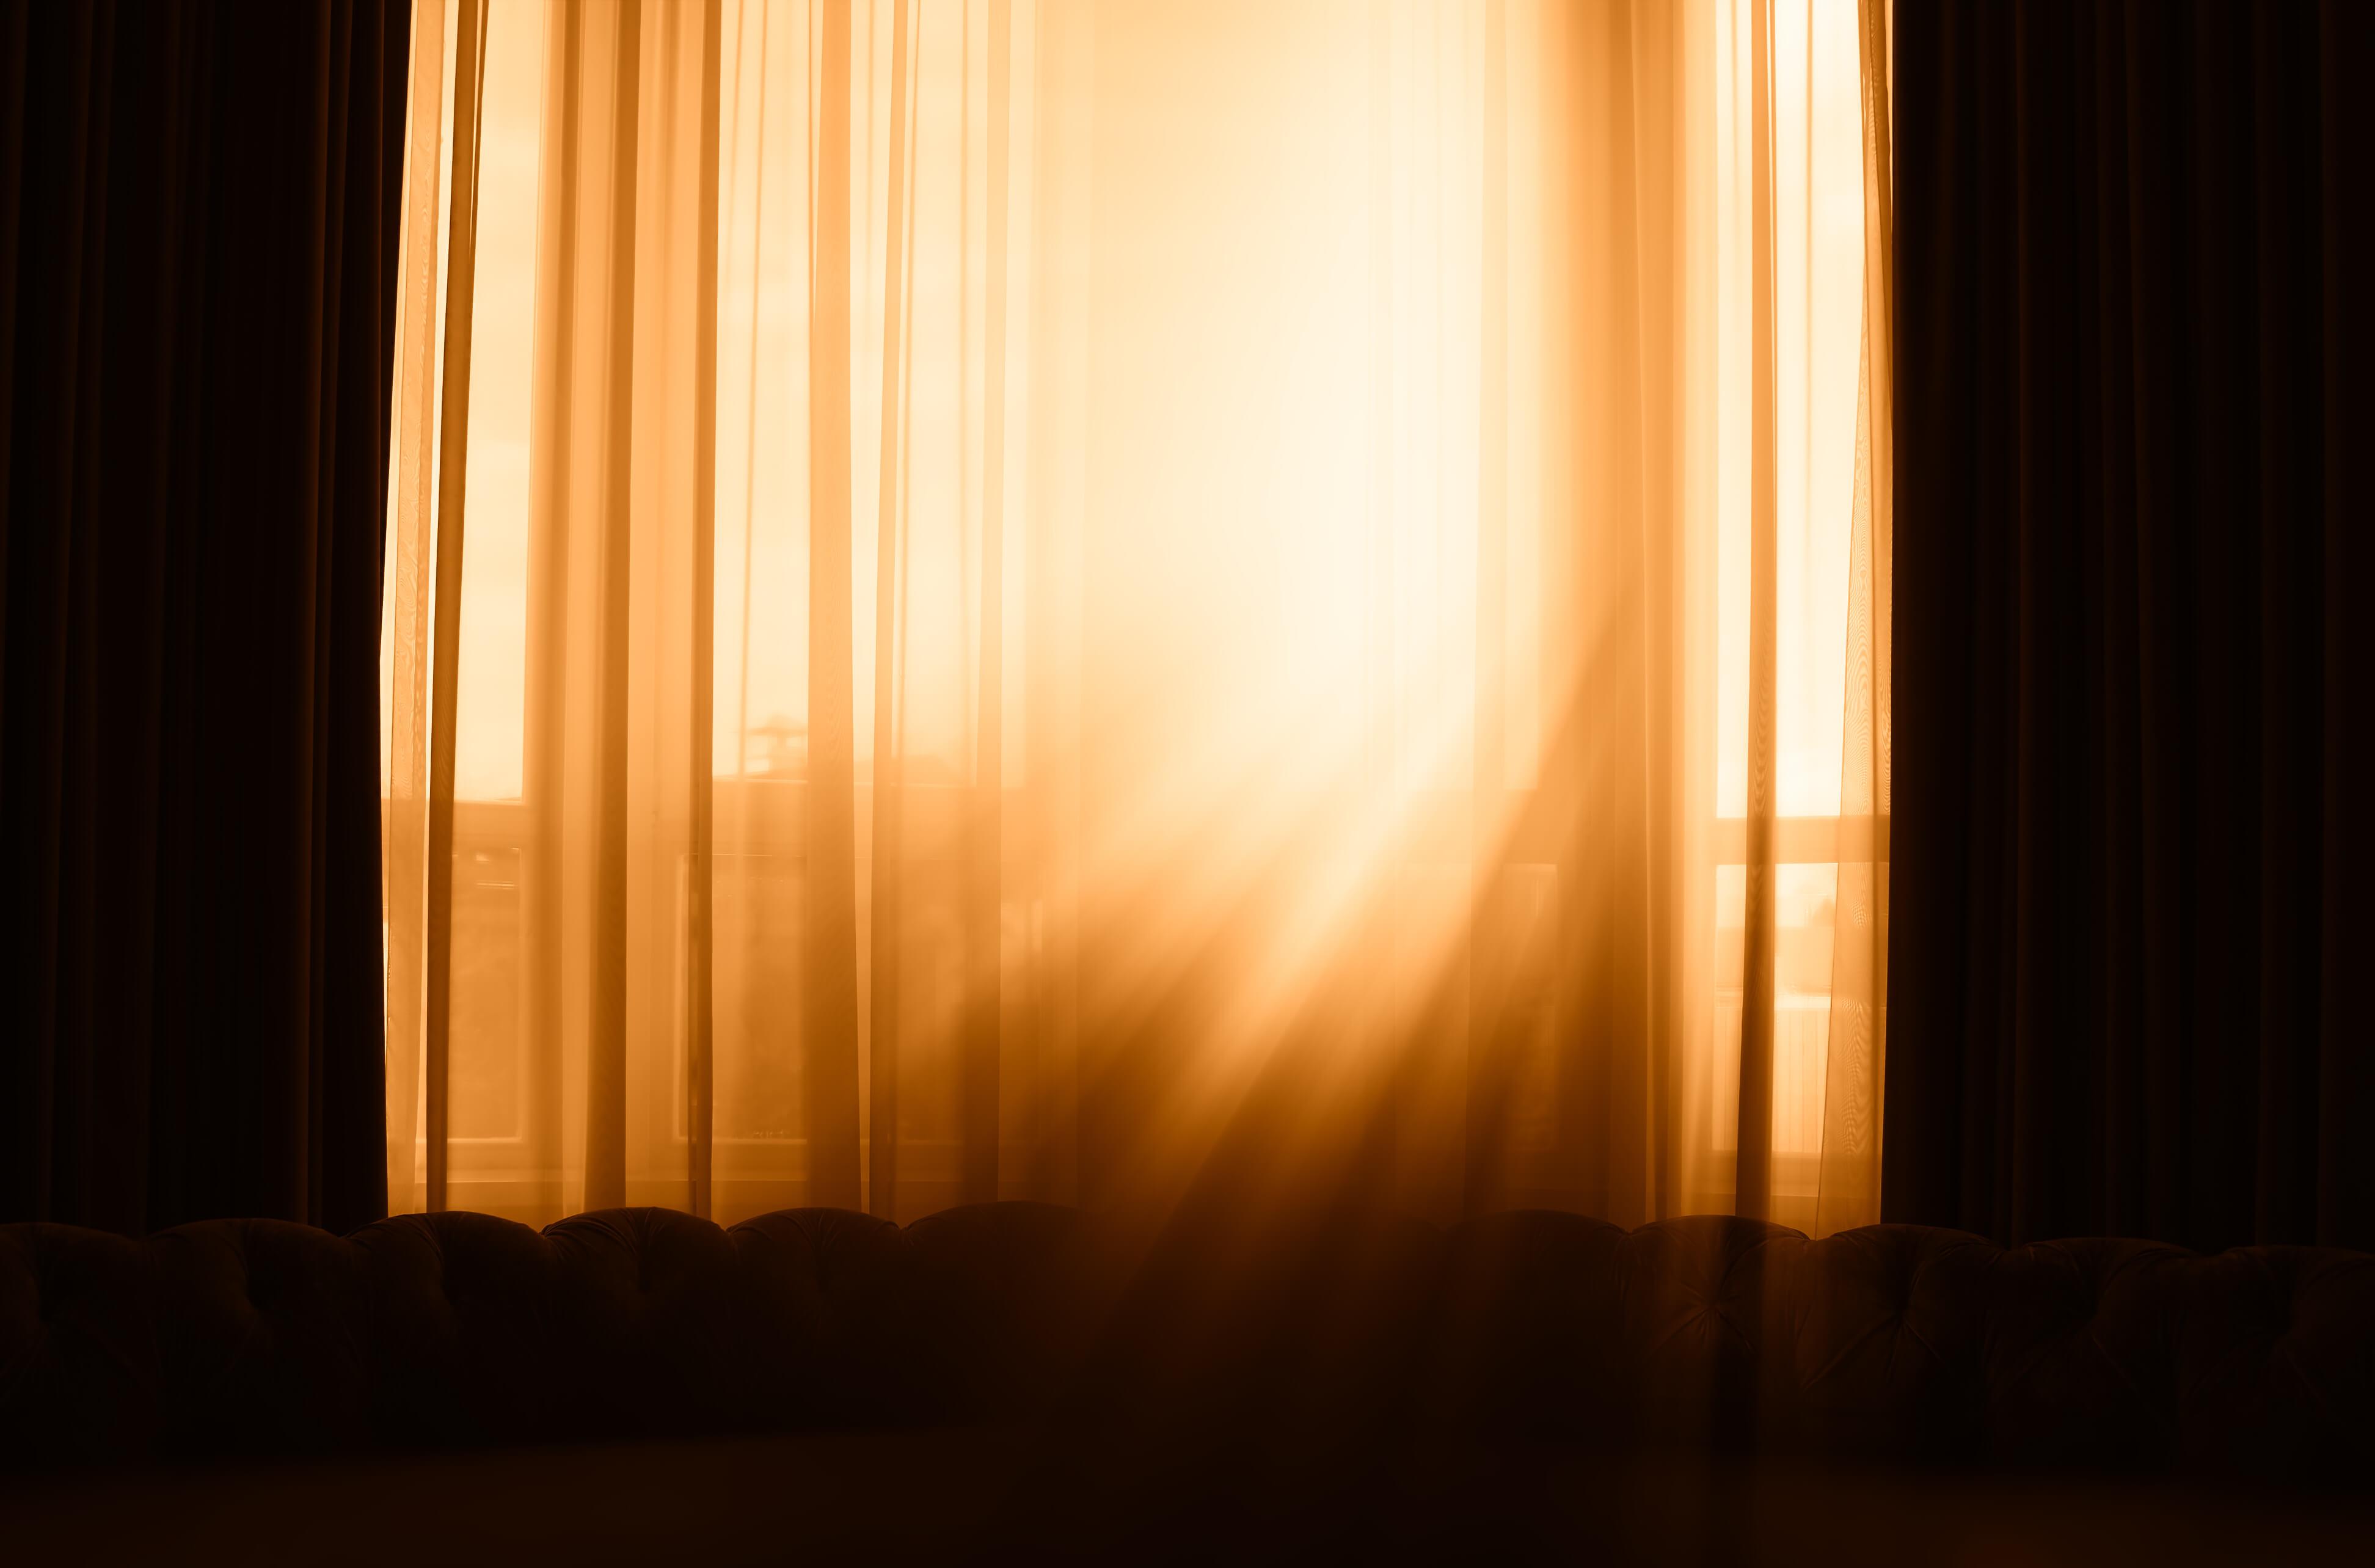 遮光布簾,HunterDouglas,苗栗窗簾,頭份窗簾,竹南窗簾,苗栗窗簾推薦,窗簾價格,便宜窗簾,窗簾西曬,窗簾免費丈量,窗簾材質,窗簾清洗,銅鑼窗簾,捲簾,頭屋窗簾,調光簾,防焰捲簾,全遮光布簾,